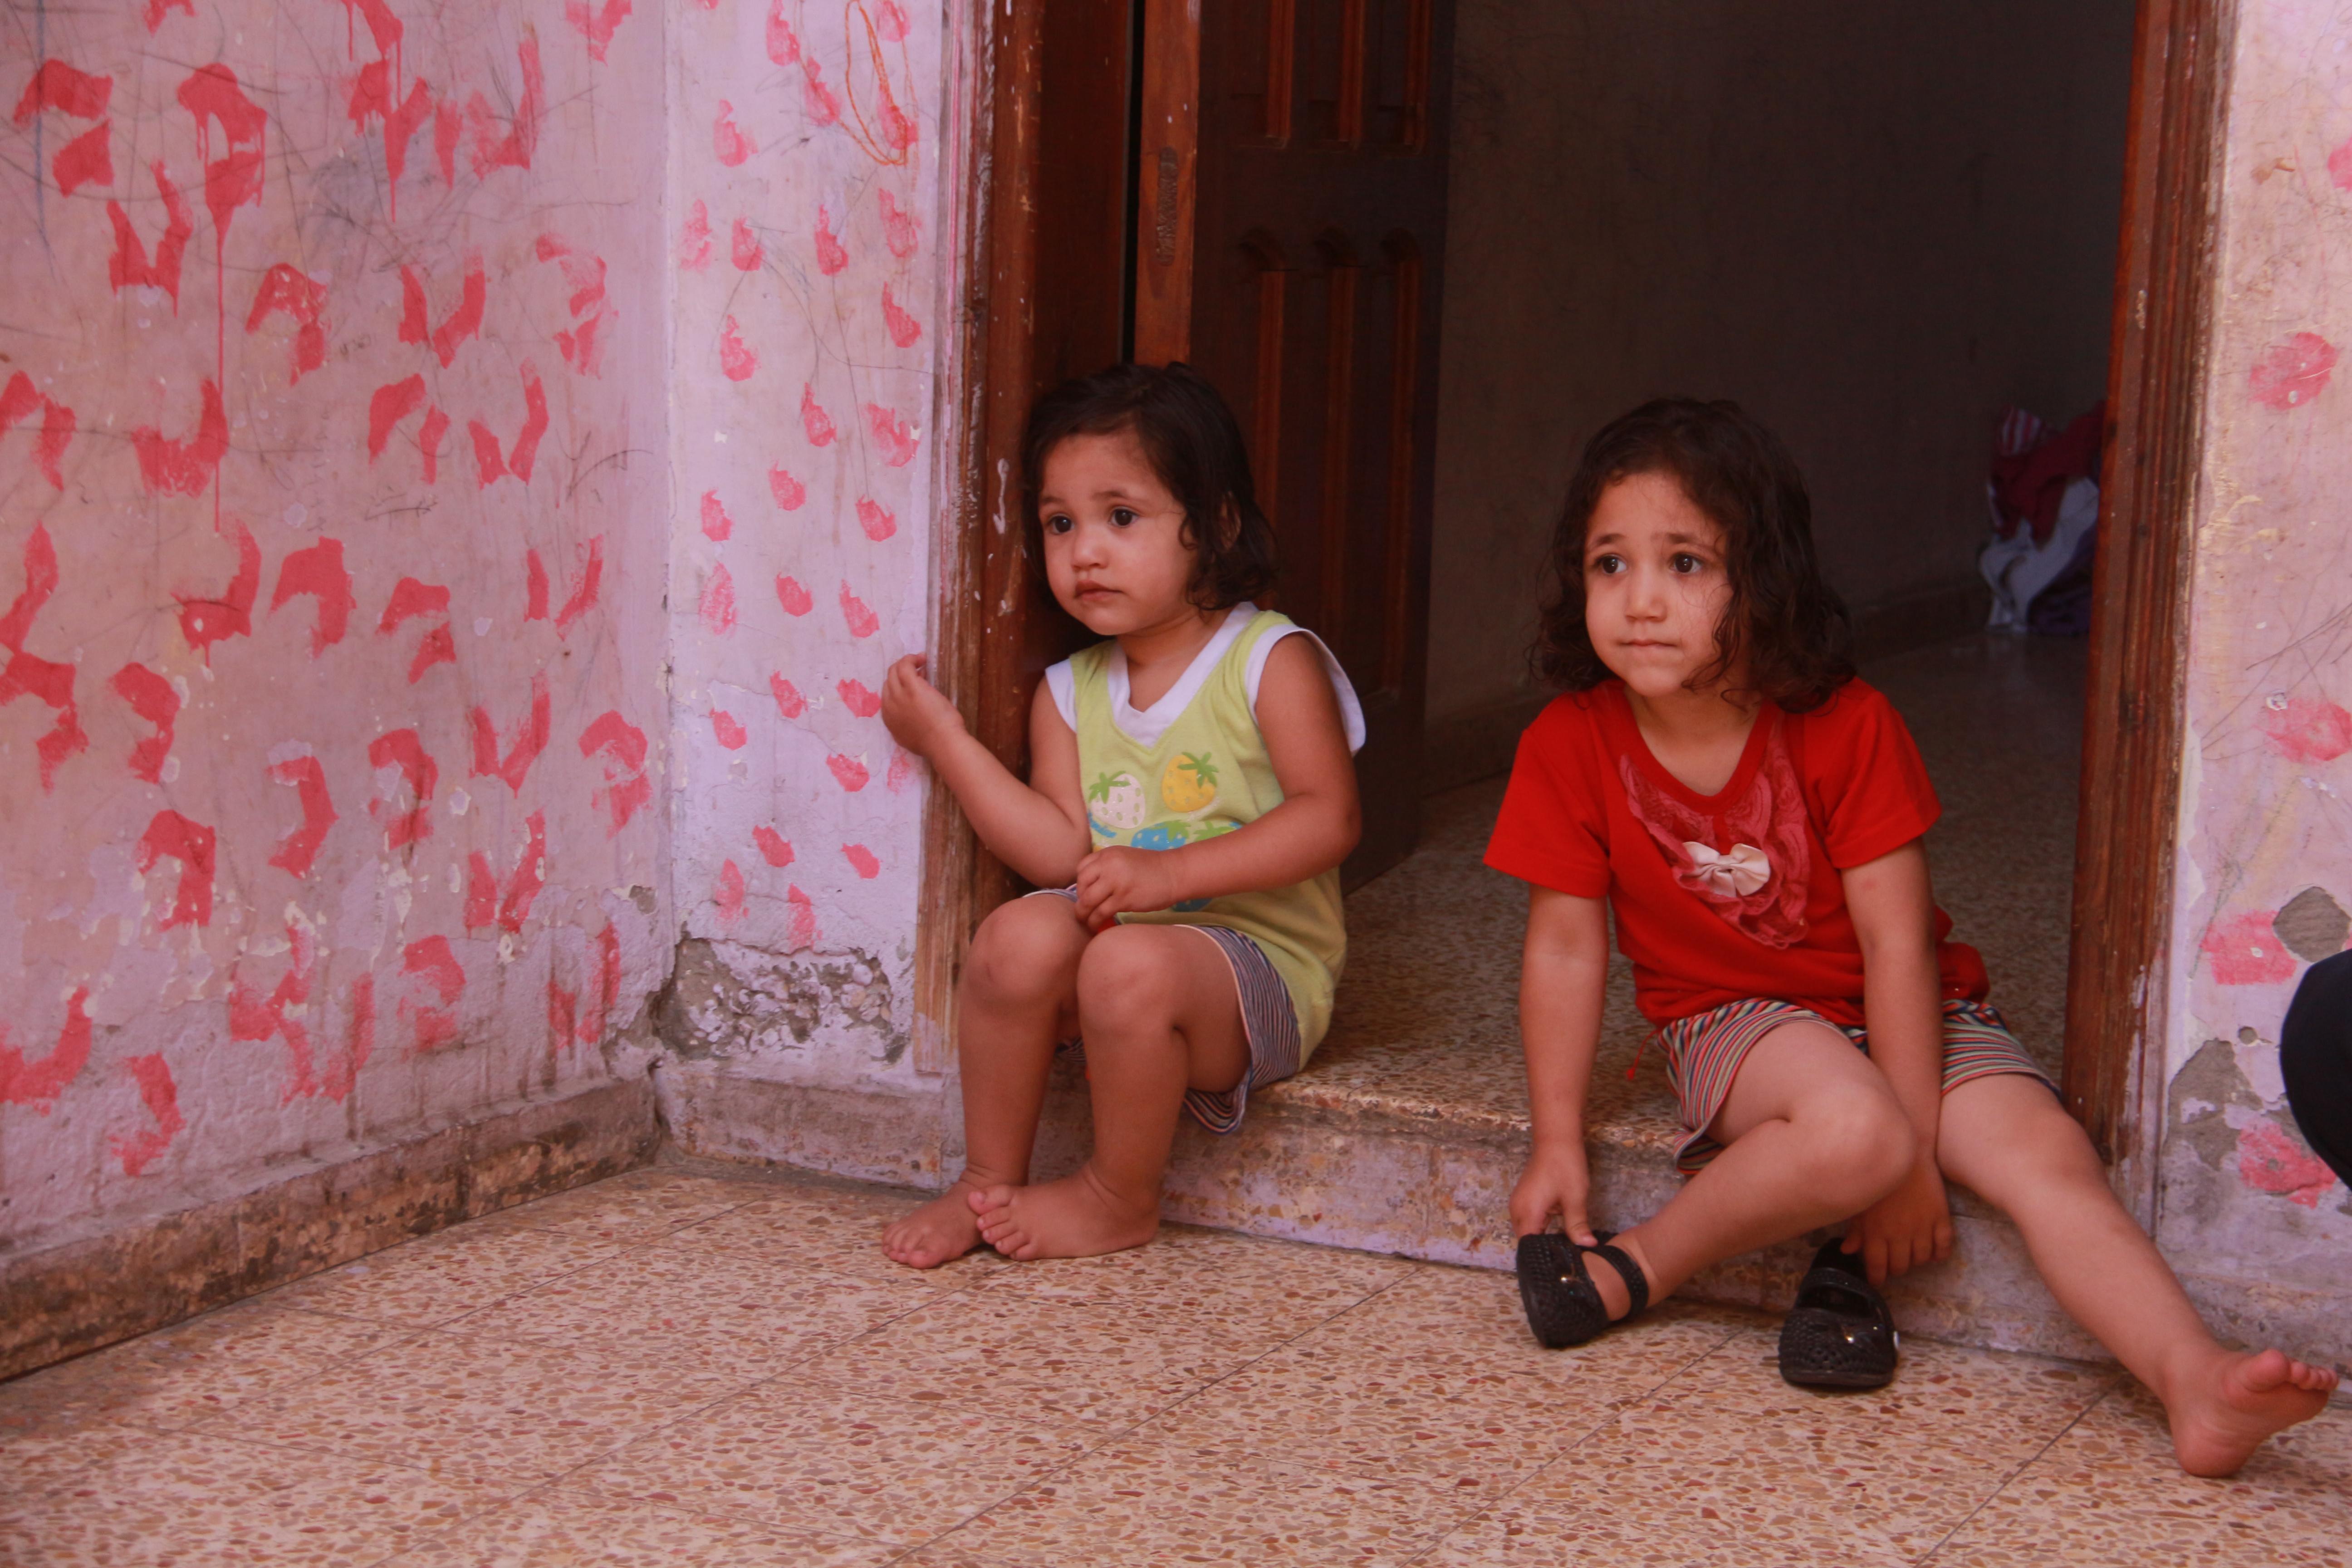 عائلة أبو علي تعيش في غرفة يغطيها الاسبست